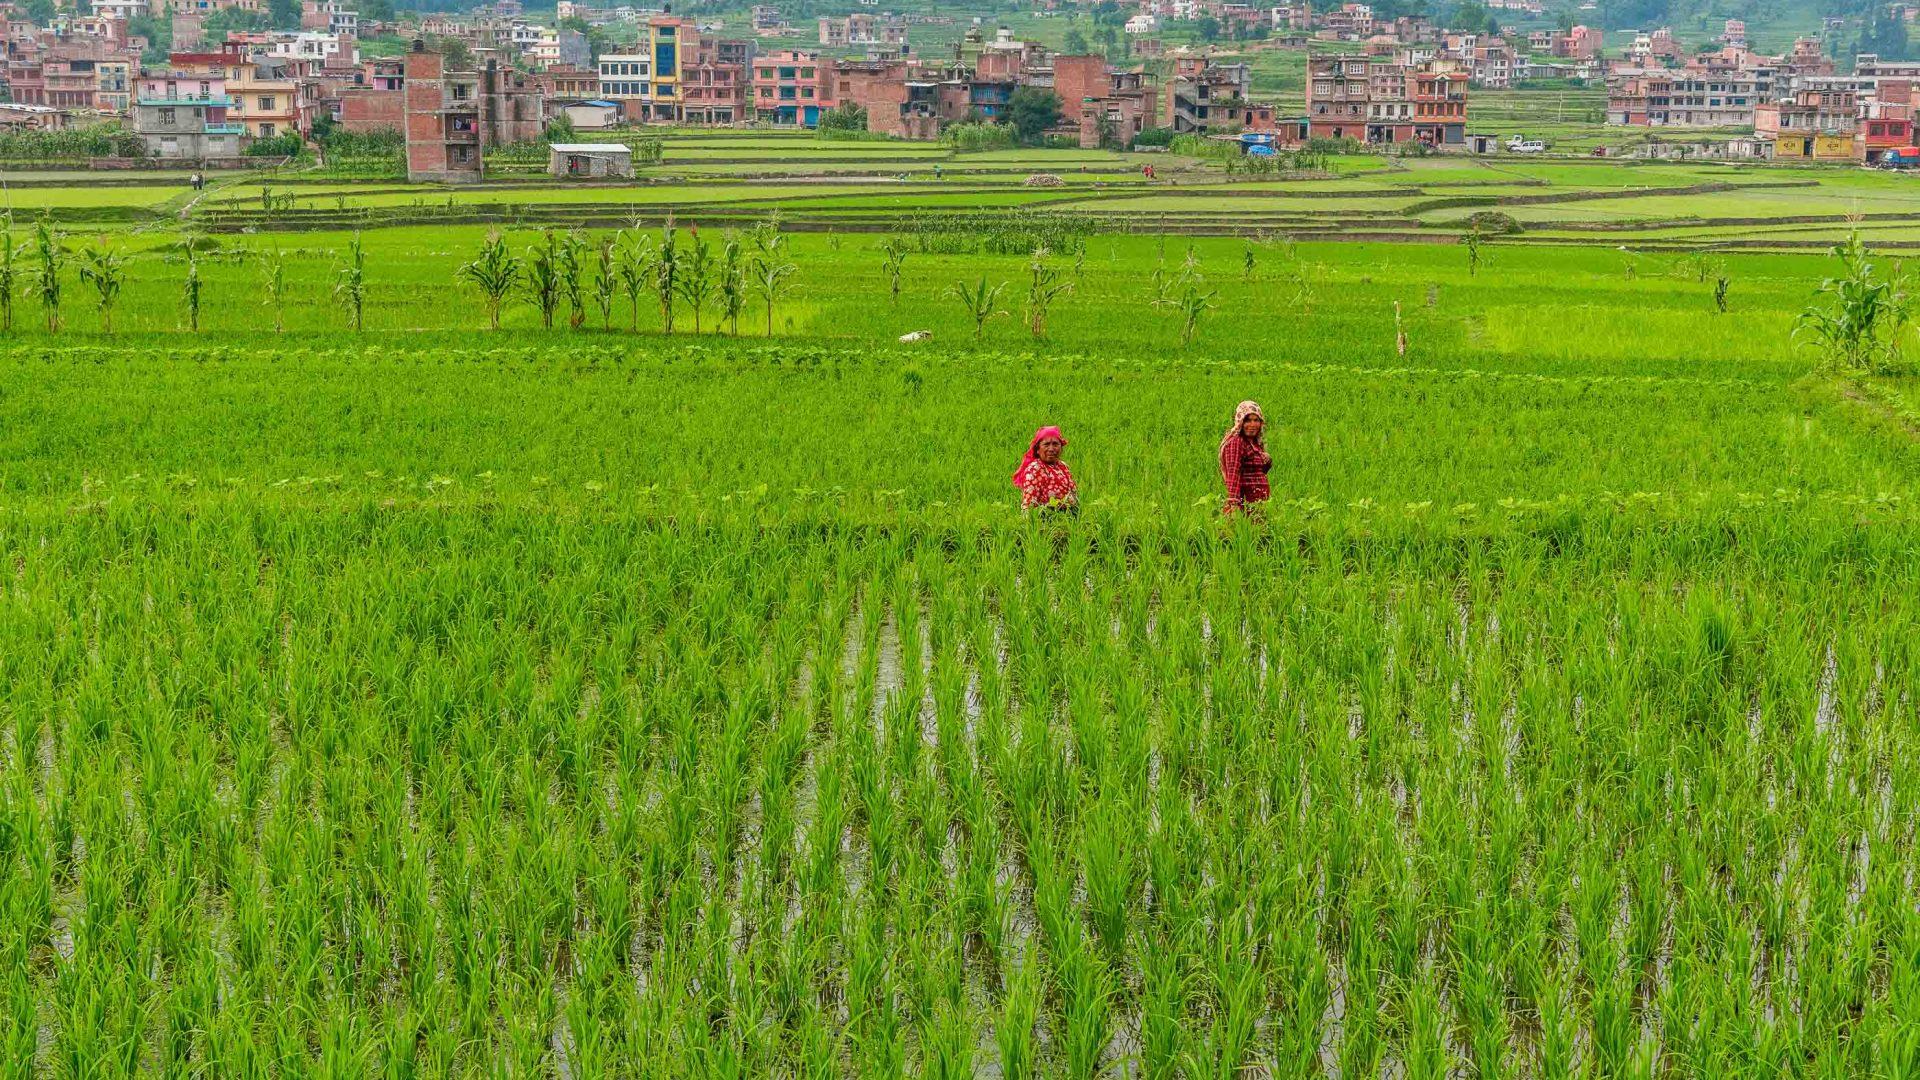 Women in the lush green rice fields of Panauti, Nepal.